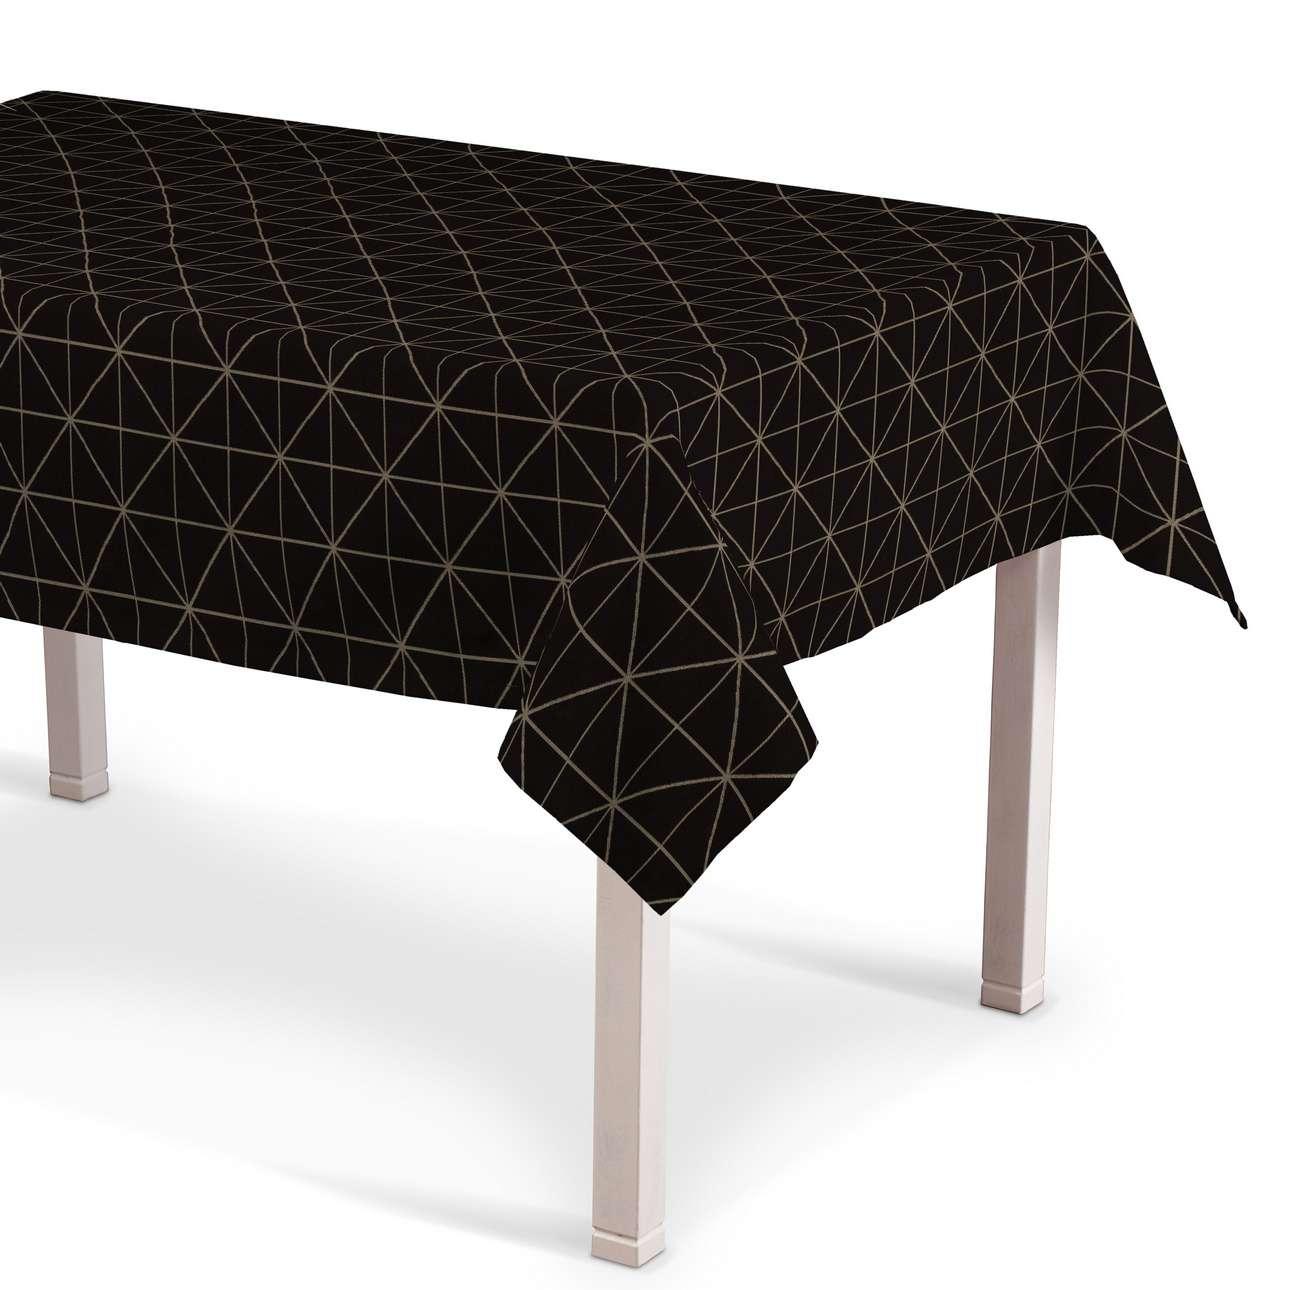 Asztalterítő téglalap alakú a kollekcióból Black & White szövet, Dekoranyag: 142-55